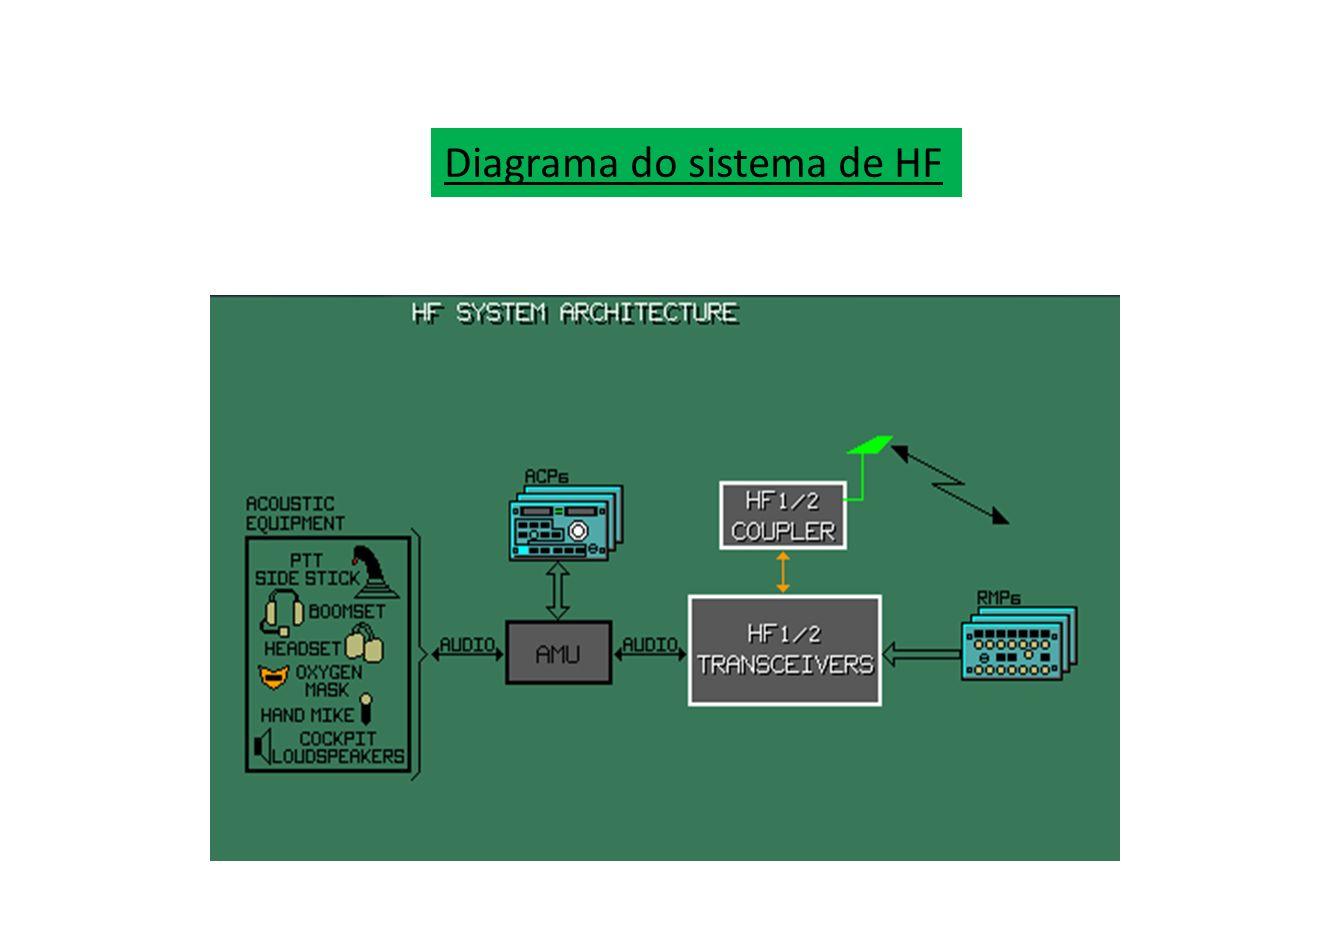 EQUIPAMENTOS DE NAVEGAÇÃO DE BORDO Esses sistemas incluem: Navegação VHF (VOR) Pouso por instrumentos (ILS) Detecção da distância (DME) Detecção automática das estações (ADF) DOPPLER e Navegação Inercial (INS).